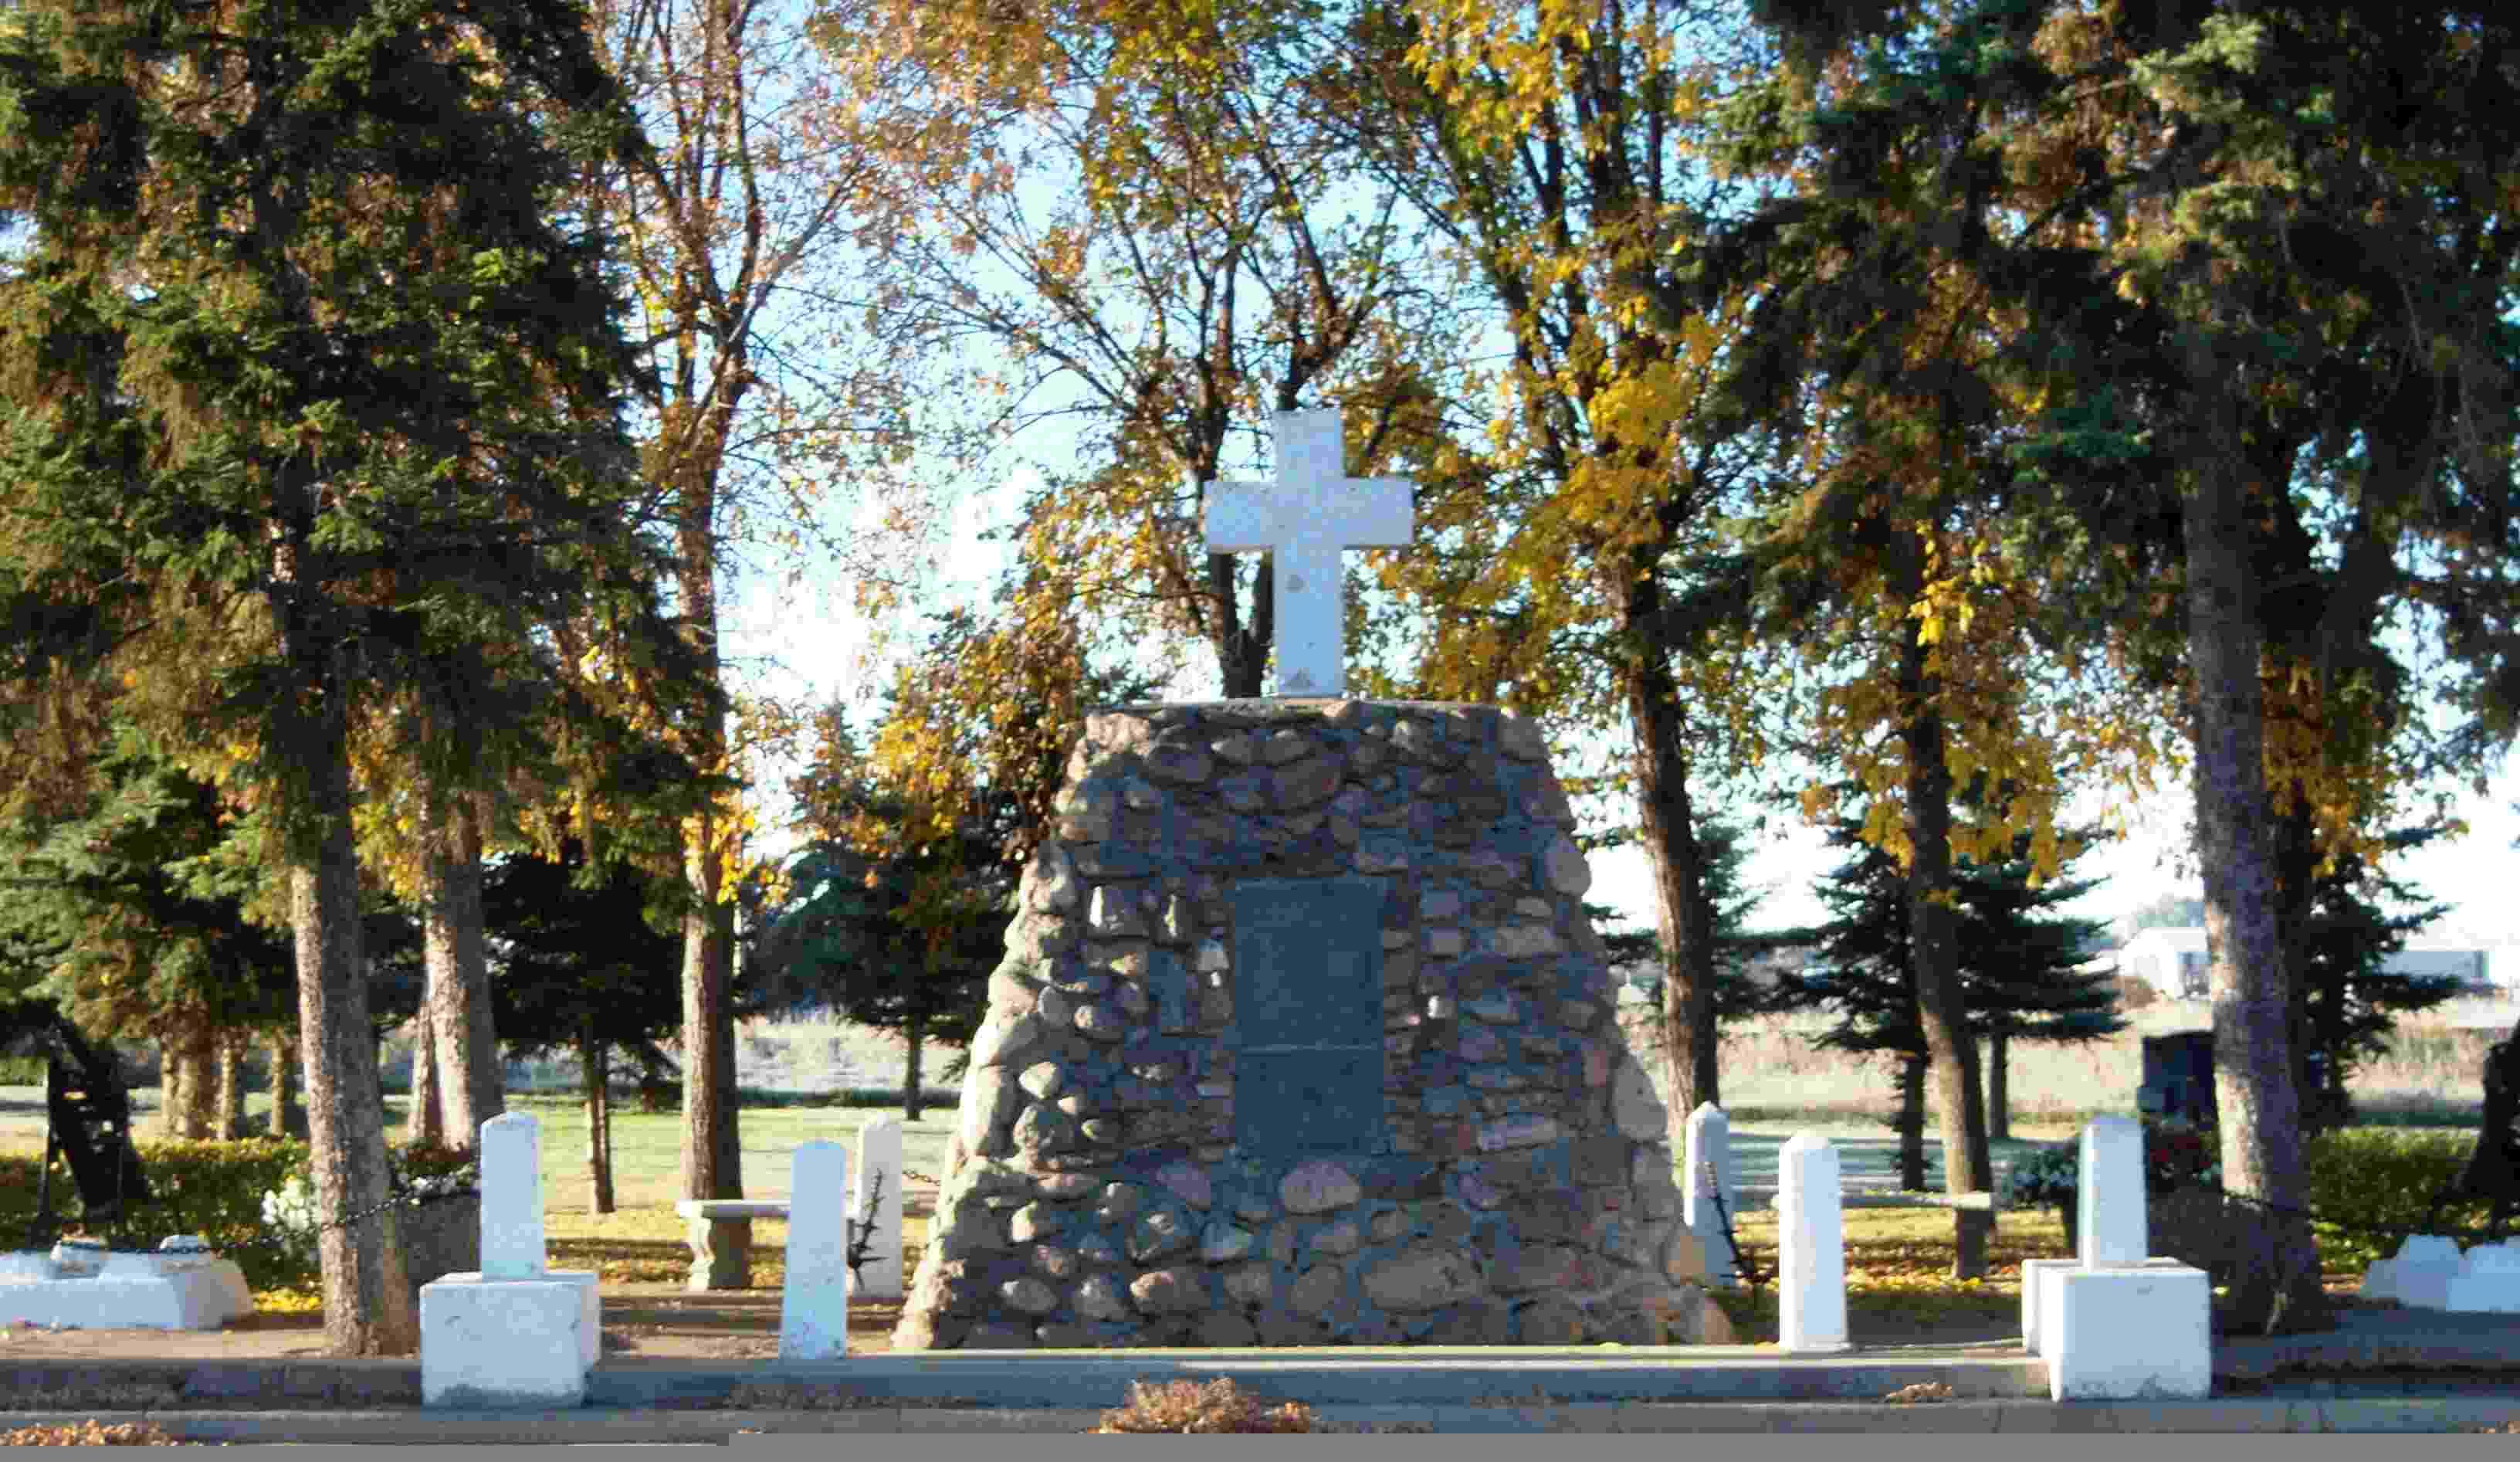 Sedgewick Memorial